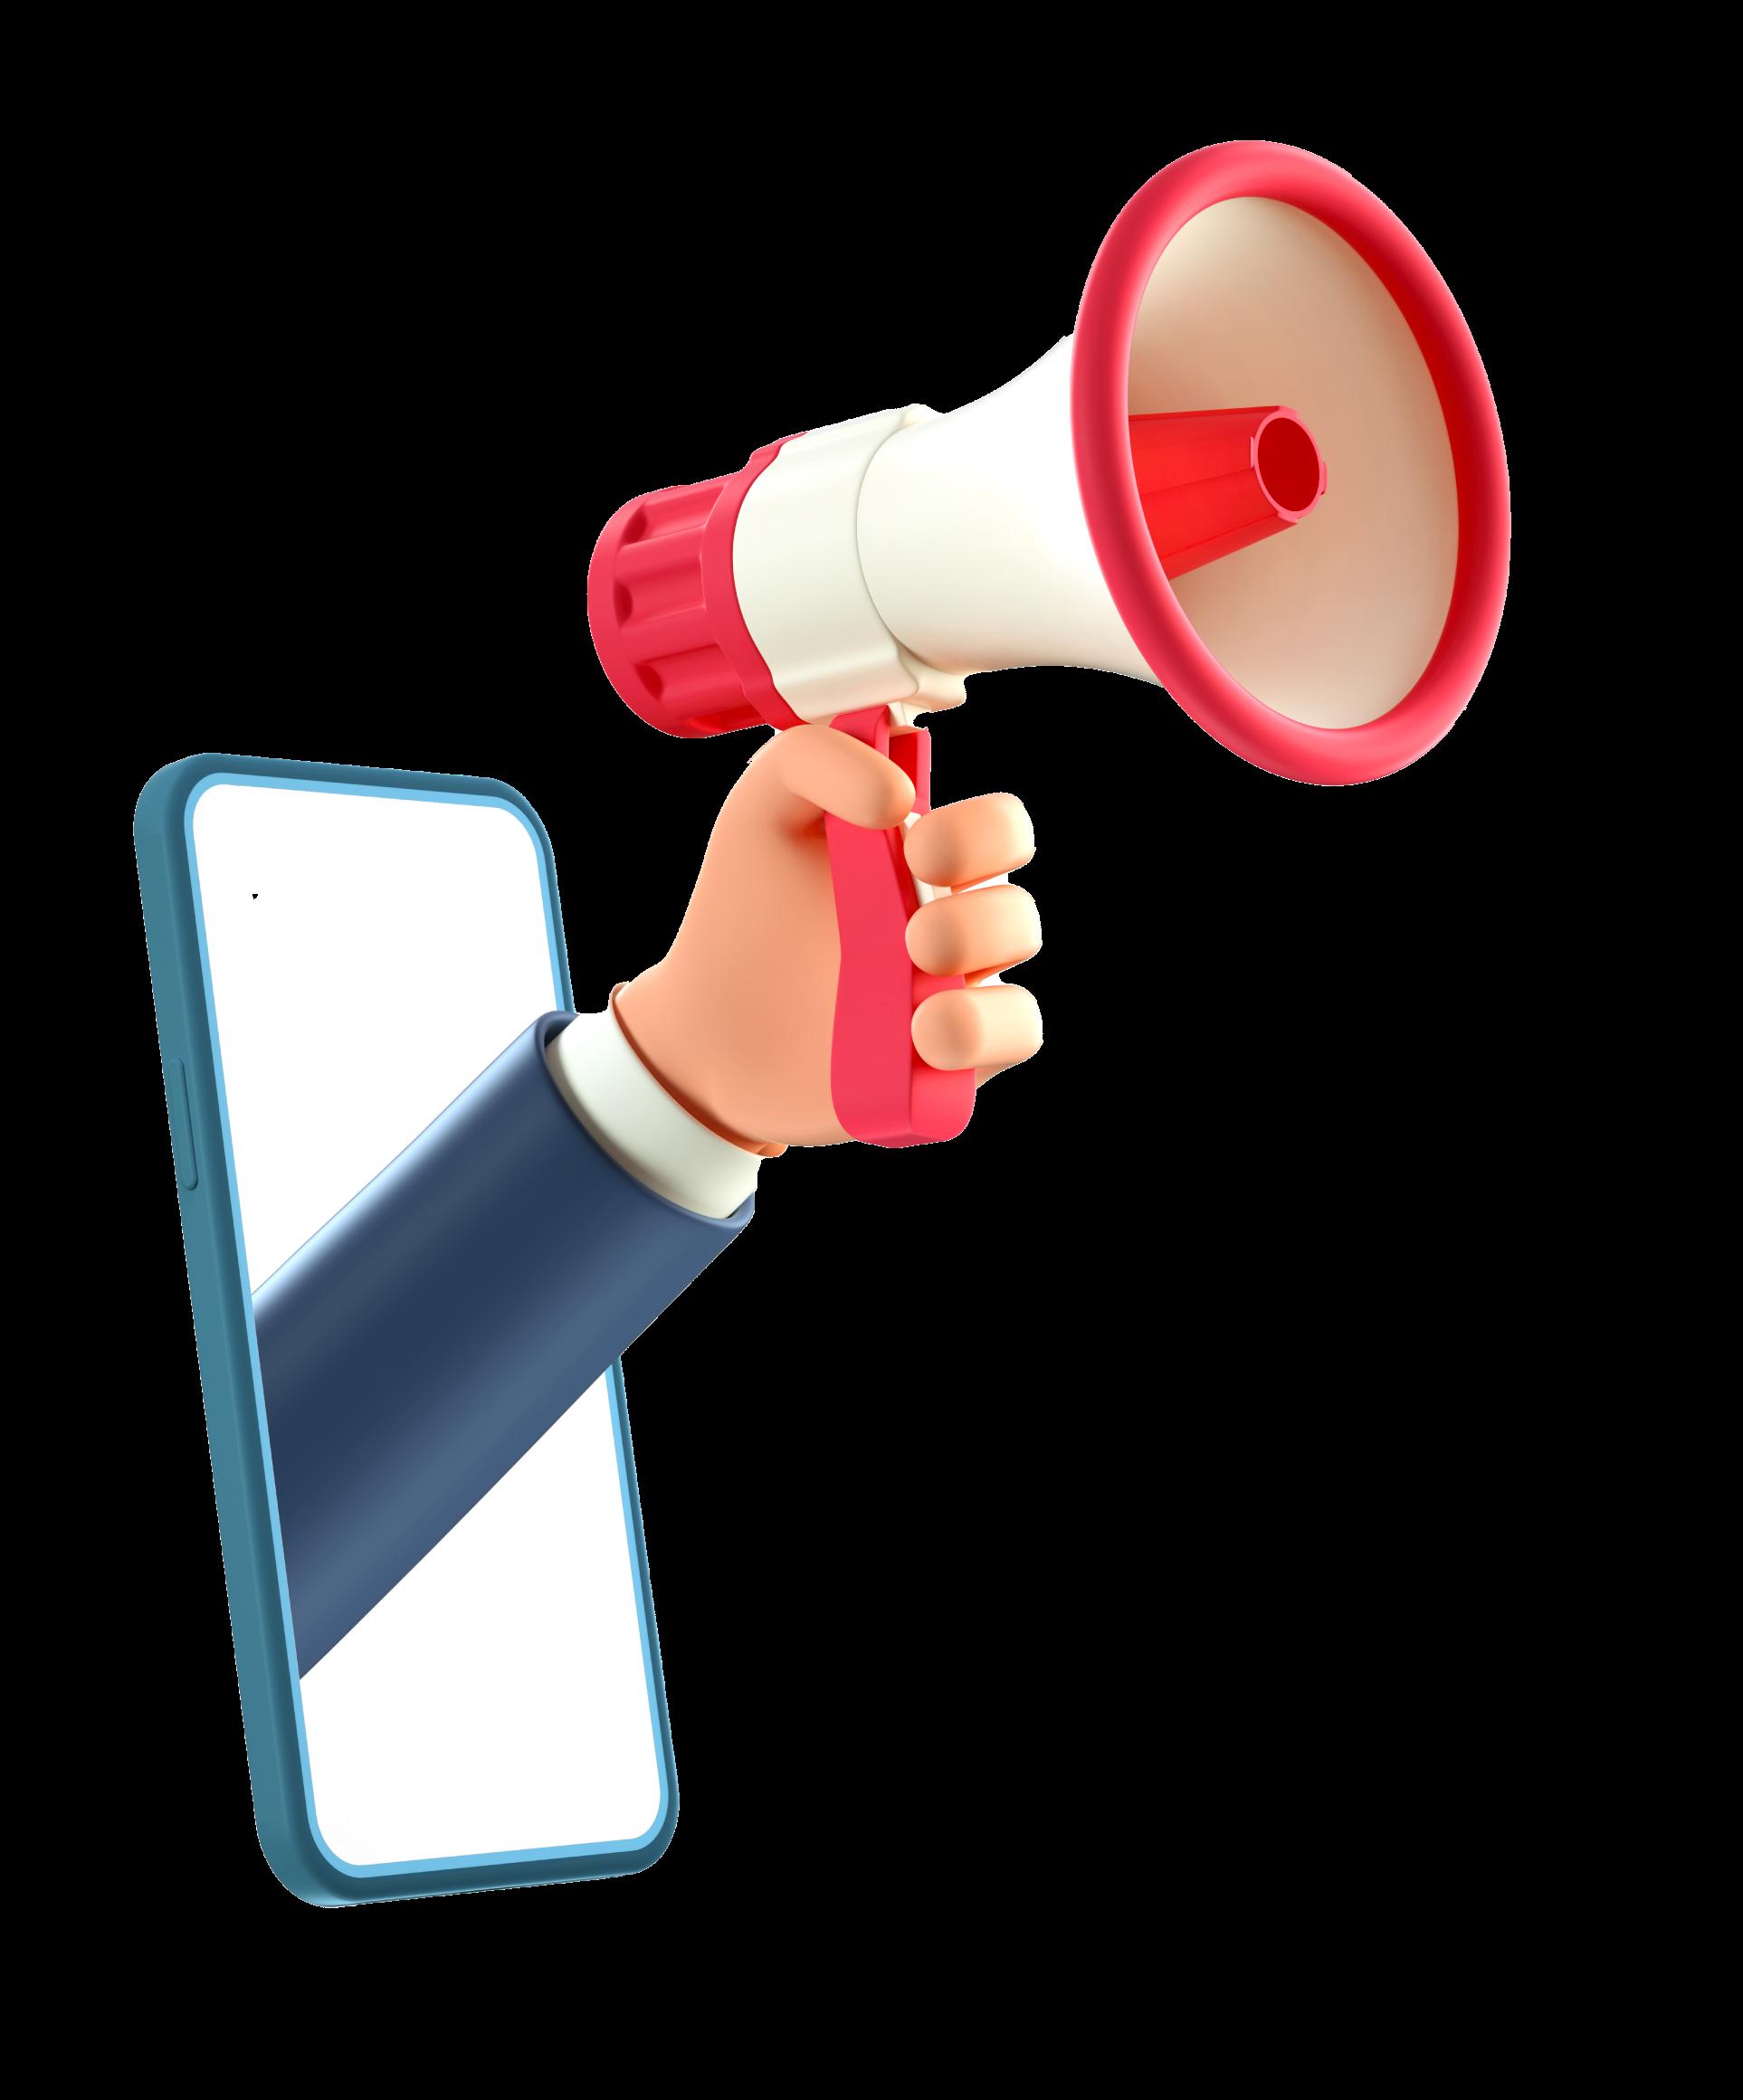 ilustracion 3d de brazo saliendo de pantalla de celular con una bocina